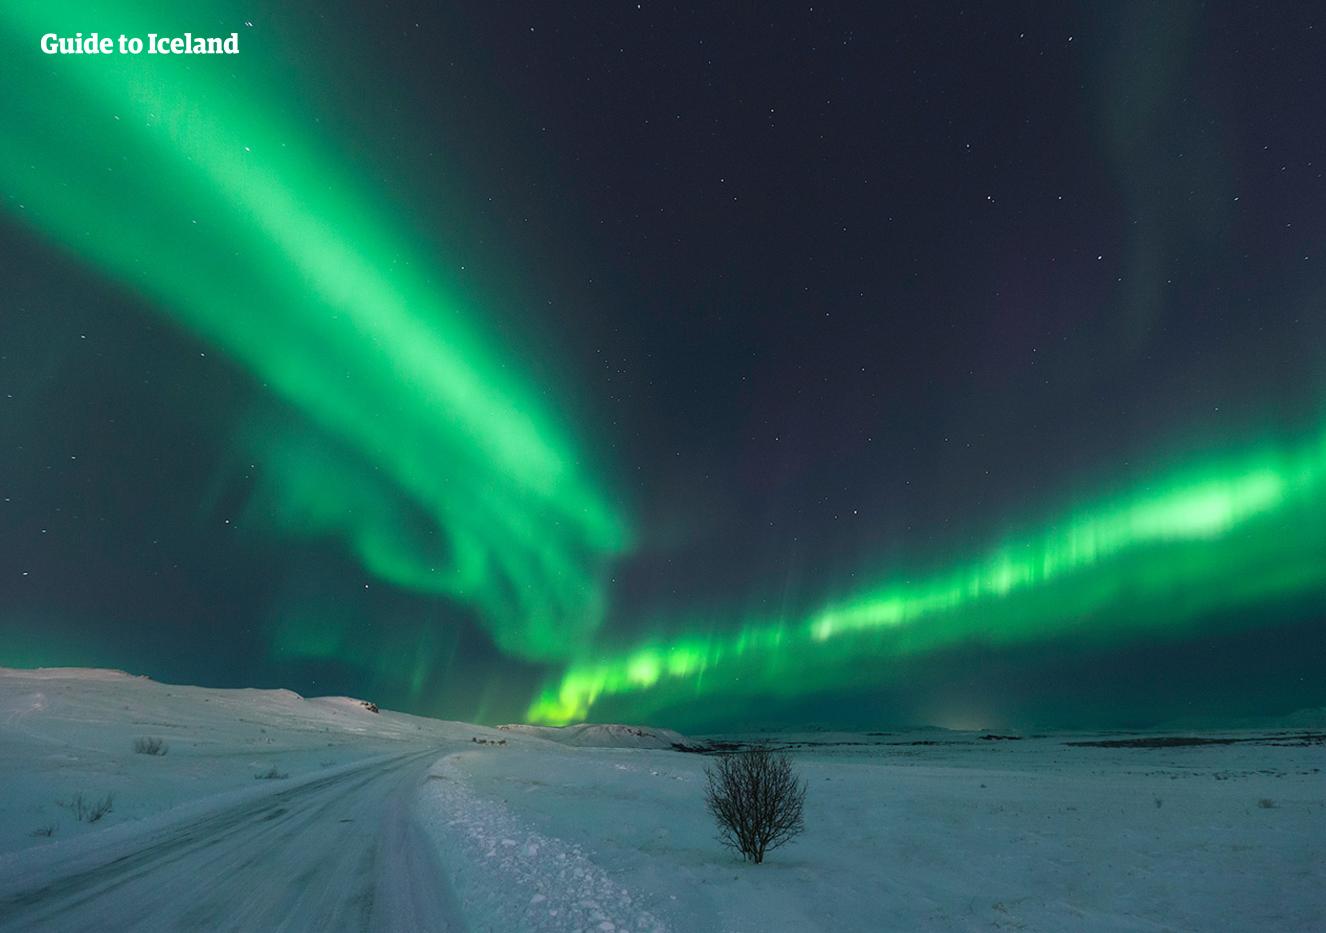 Wenn du in einer winterlichen Nacht in Island unterwegs bist, stehen die Chancen sehr gut, dass du die Polarlichter beobachten kannst.